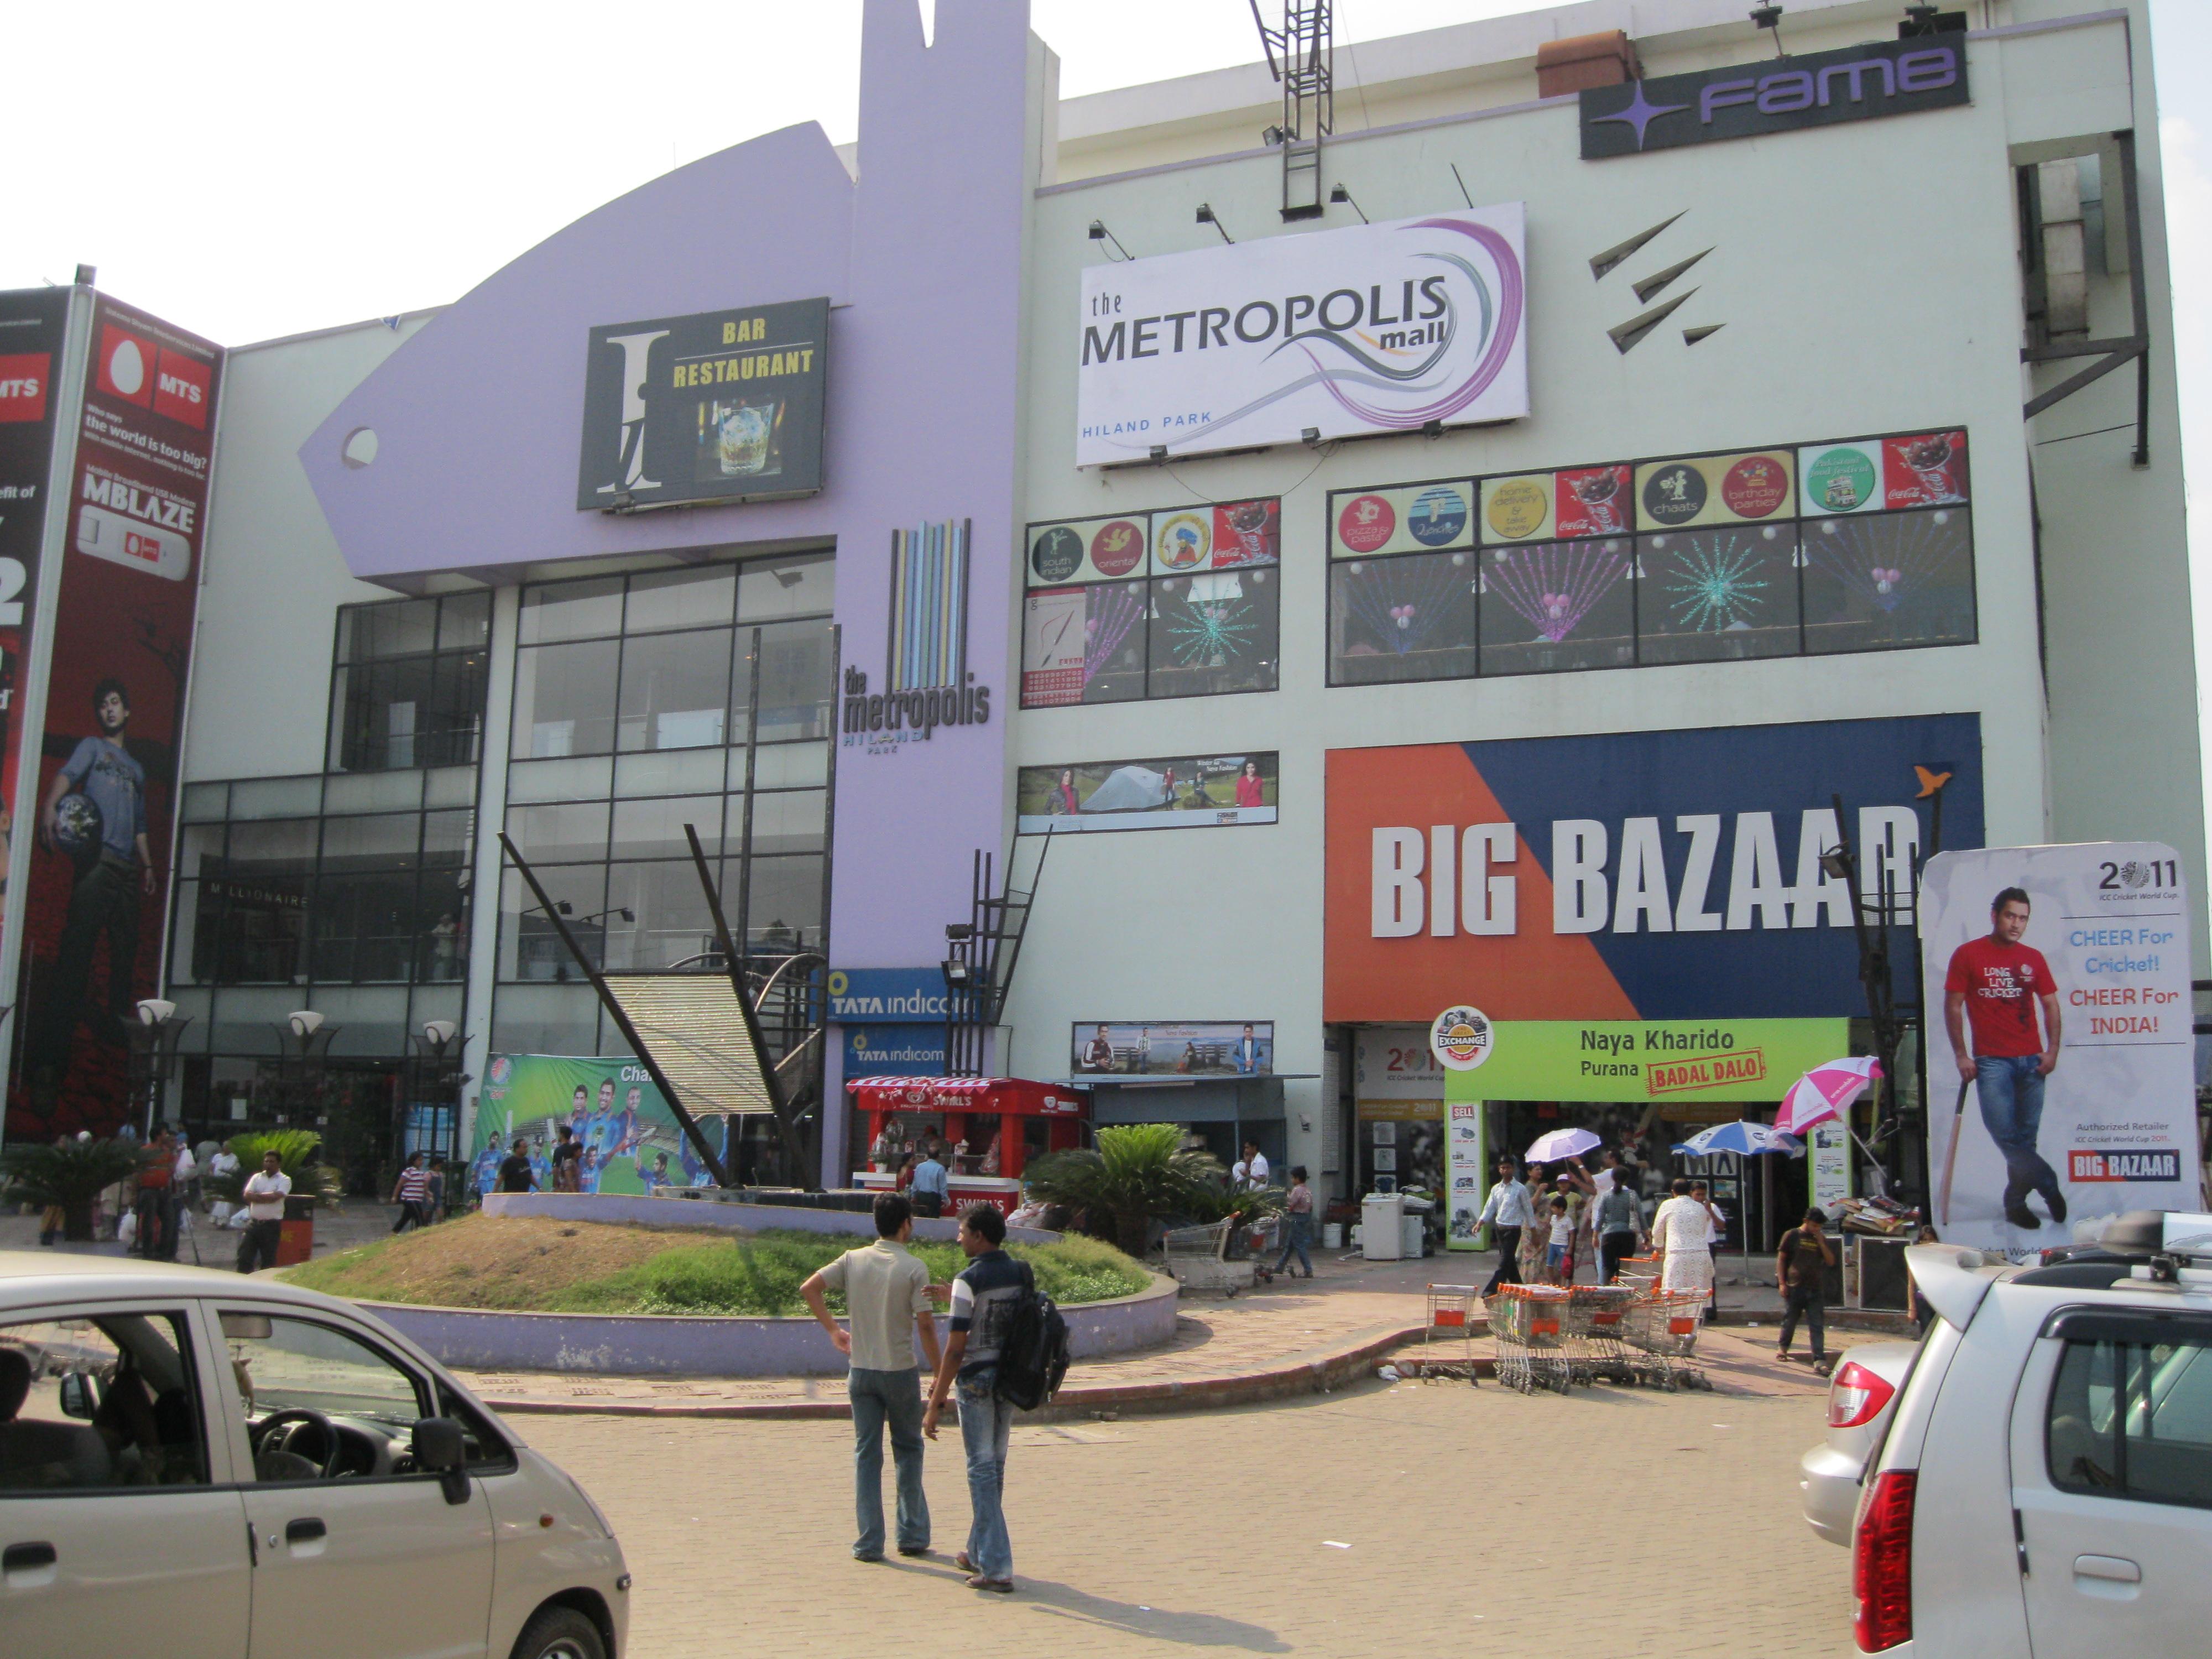 Big Bazaar - Kolkata Image